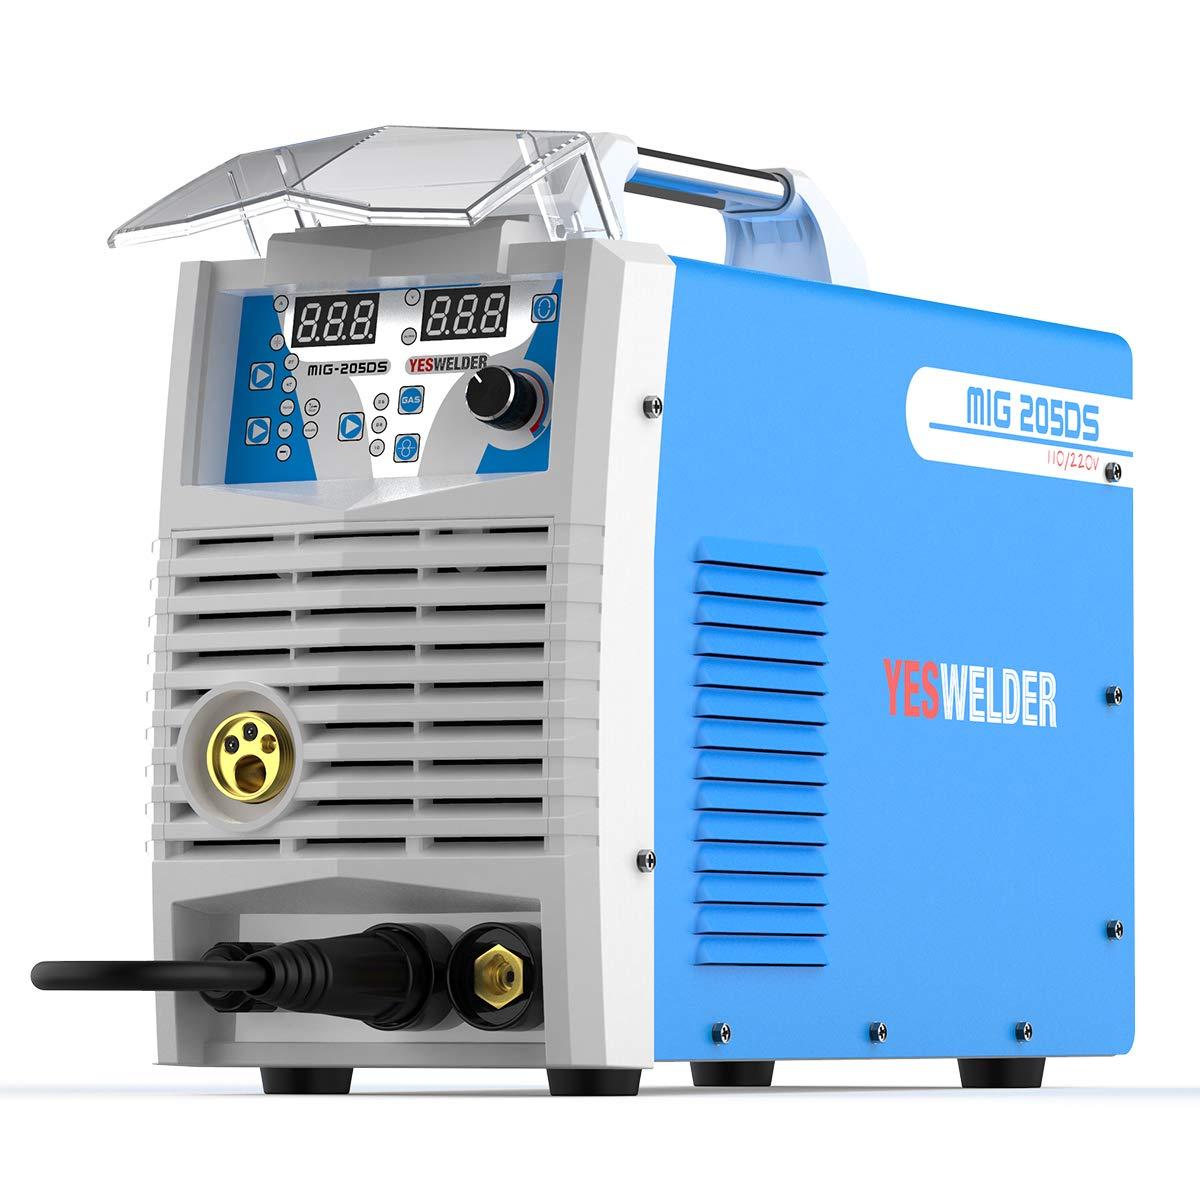 Mig Welder MIG-205 MIG TIG ARC Welding Machine Gas Gasless Welder 110/220V Dual Voltage Mig Welding Machine 3 in 1 by YESWELDER